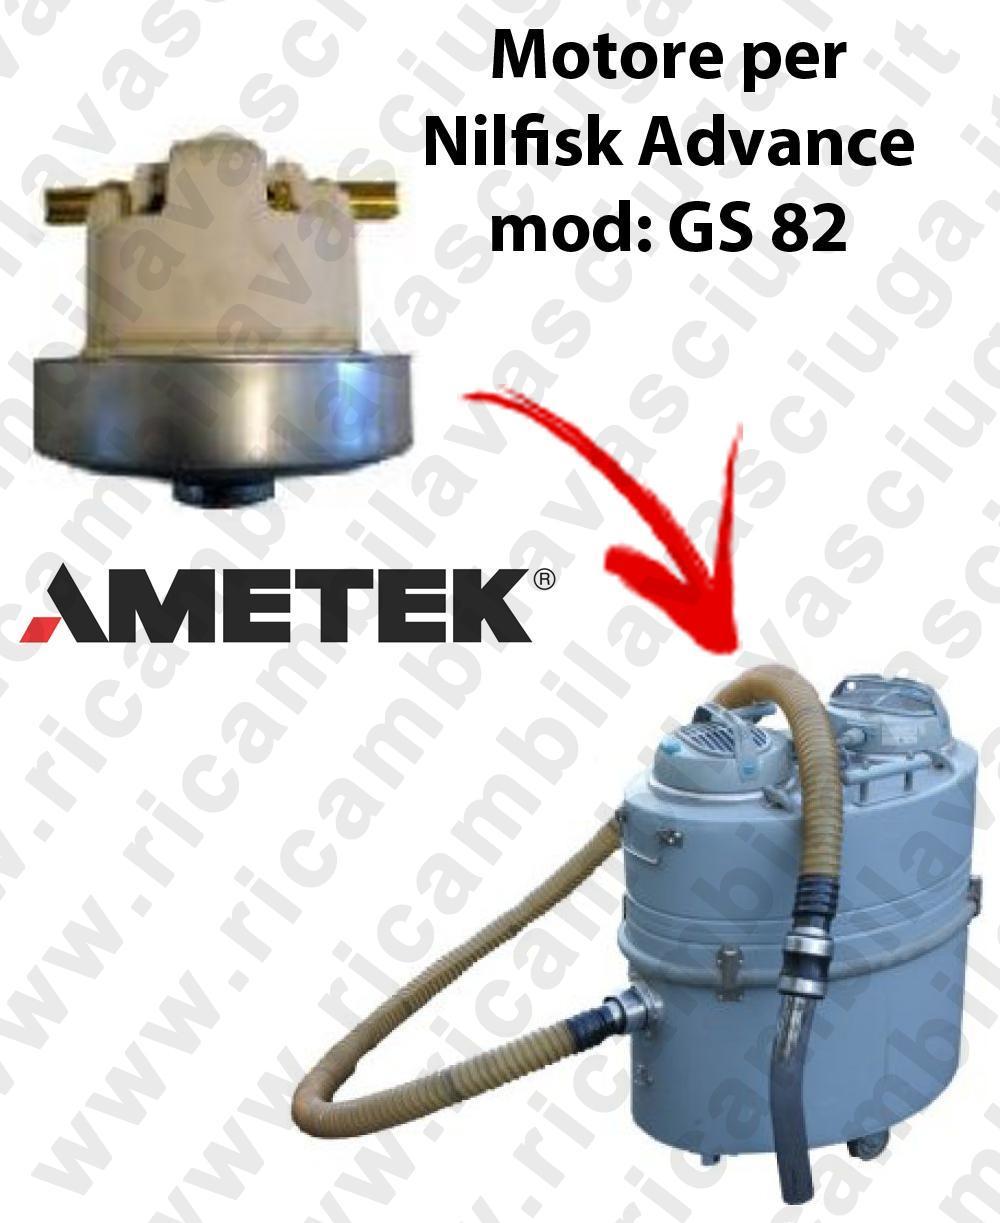 GS 82  Motore de aspiración AMETEK  para aspiradora Nilfisk Advance